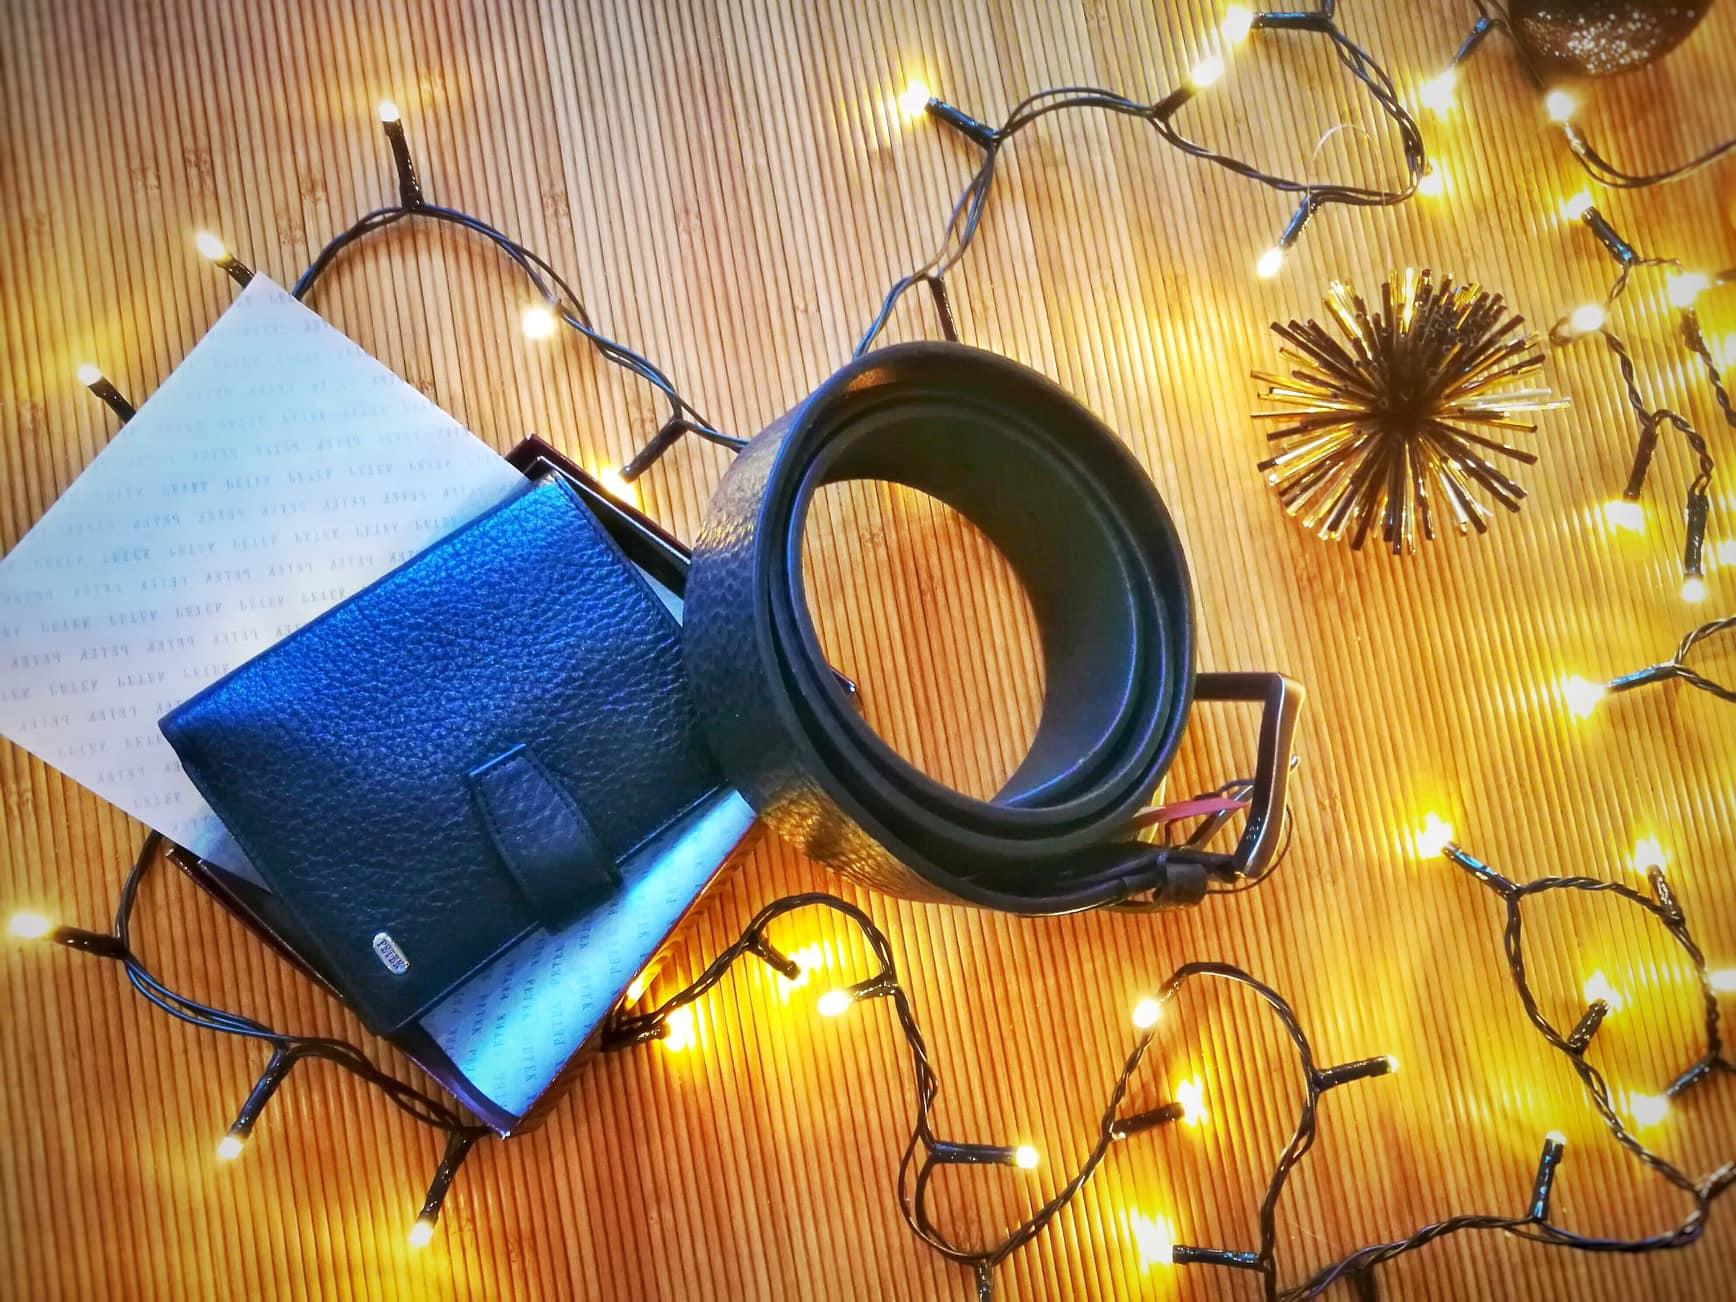 подарок мужчине кожаный ремень портмоне кошелек купить